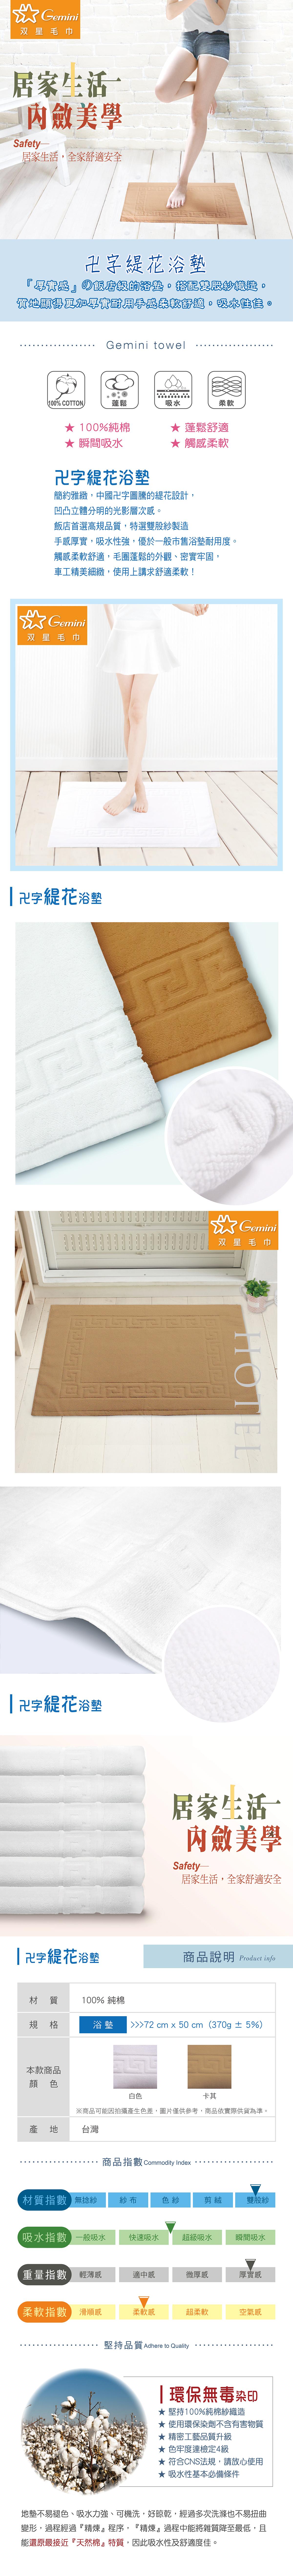 Gemini 純棉浴室地墊6 入組 50 x 72 公分 - 白,簡約雅緻的緹花設計,環保無毒的染印,100%純棉製造,蓬鬆舒適,可以瞬間吸水且觸感柔軟。